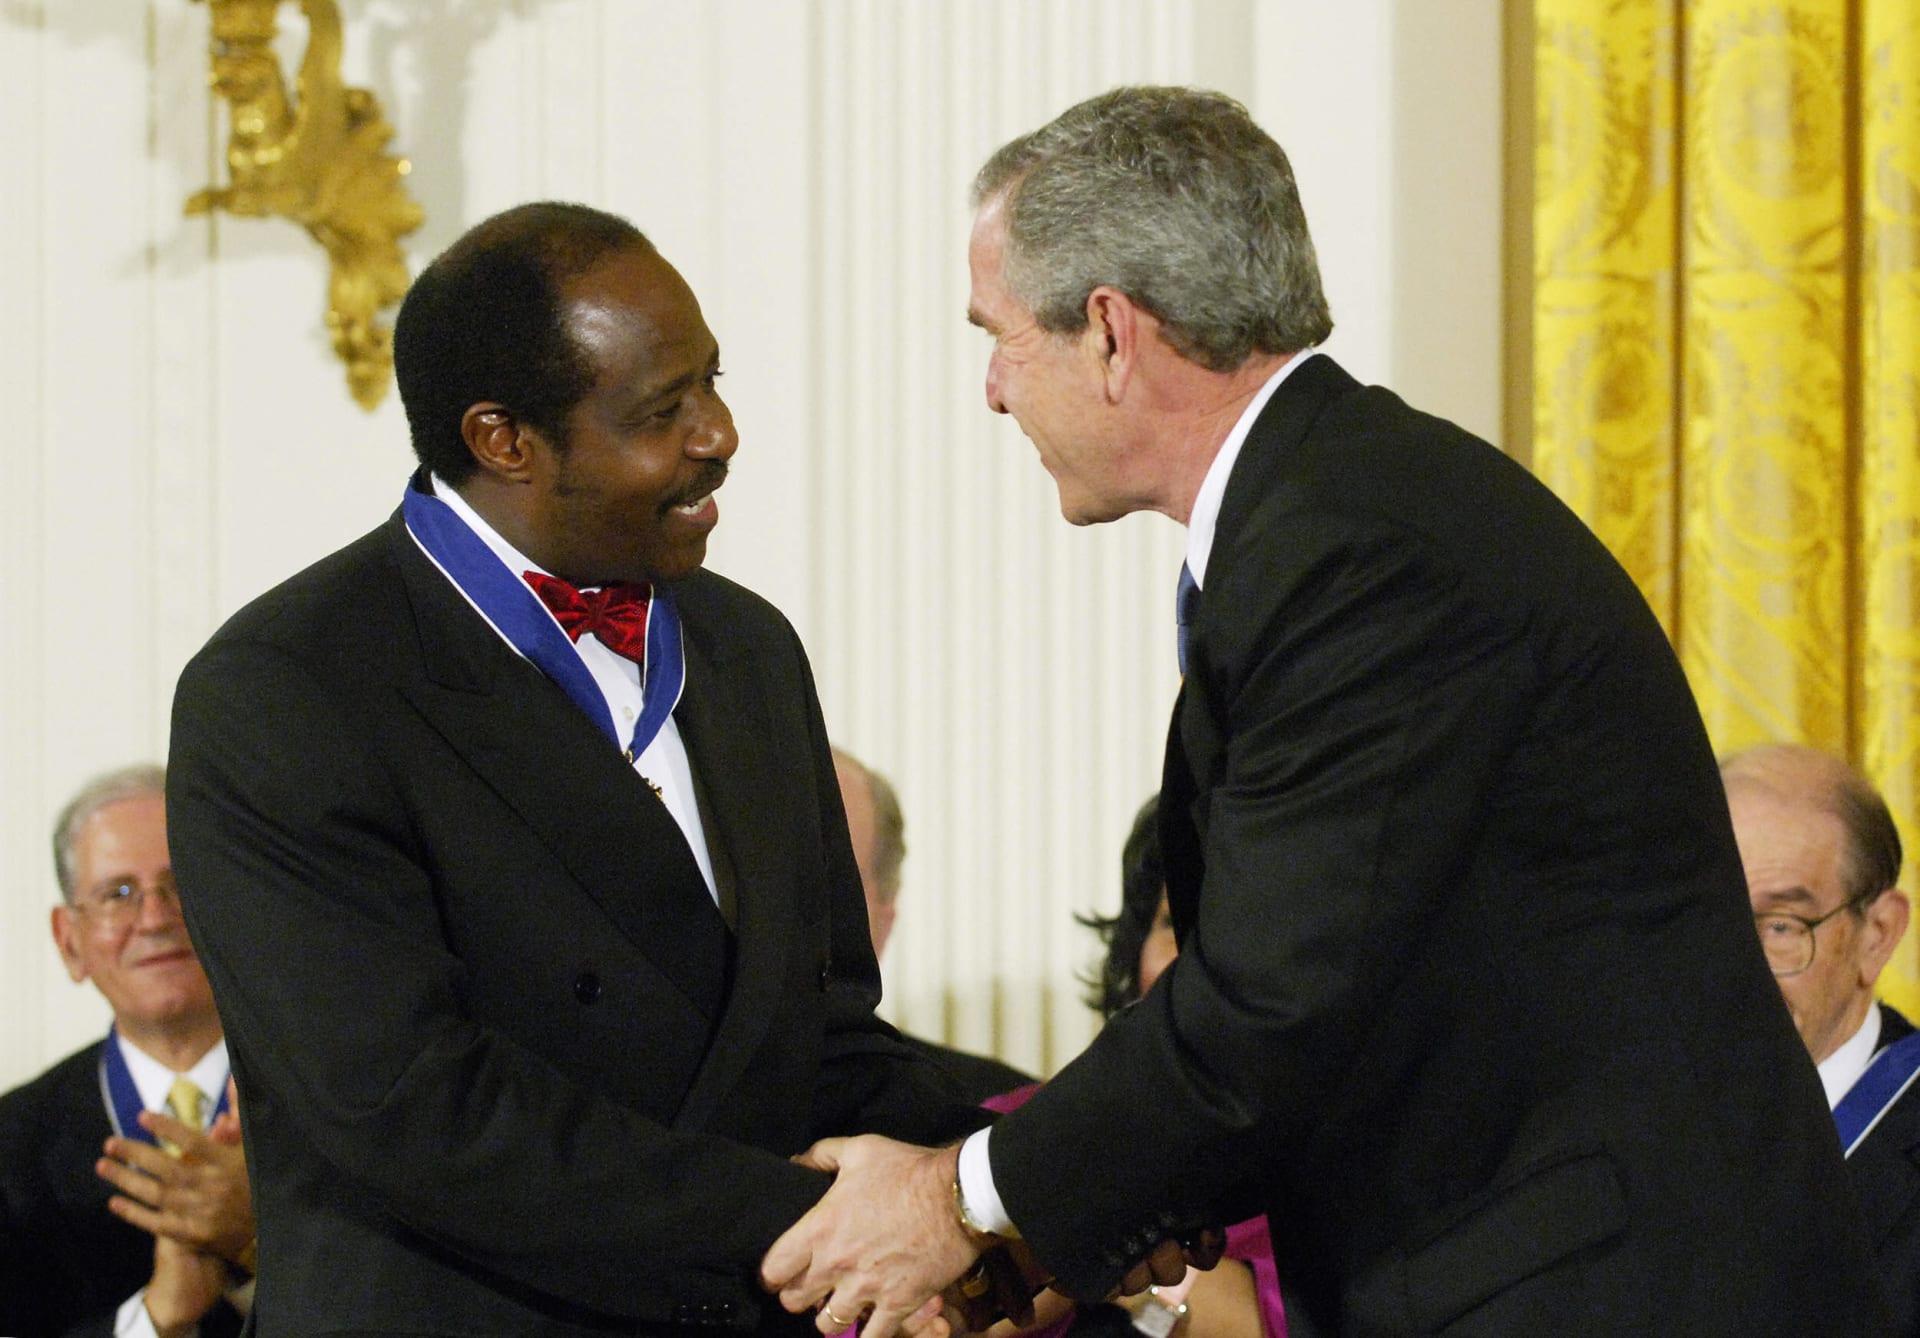 الرئيس الأمريكي الأسبق جورج بوش الابن يصافح بطل الإبادة الجماعية في رواندا بول روسساباغينا